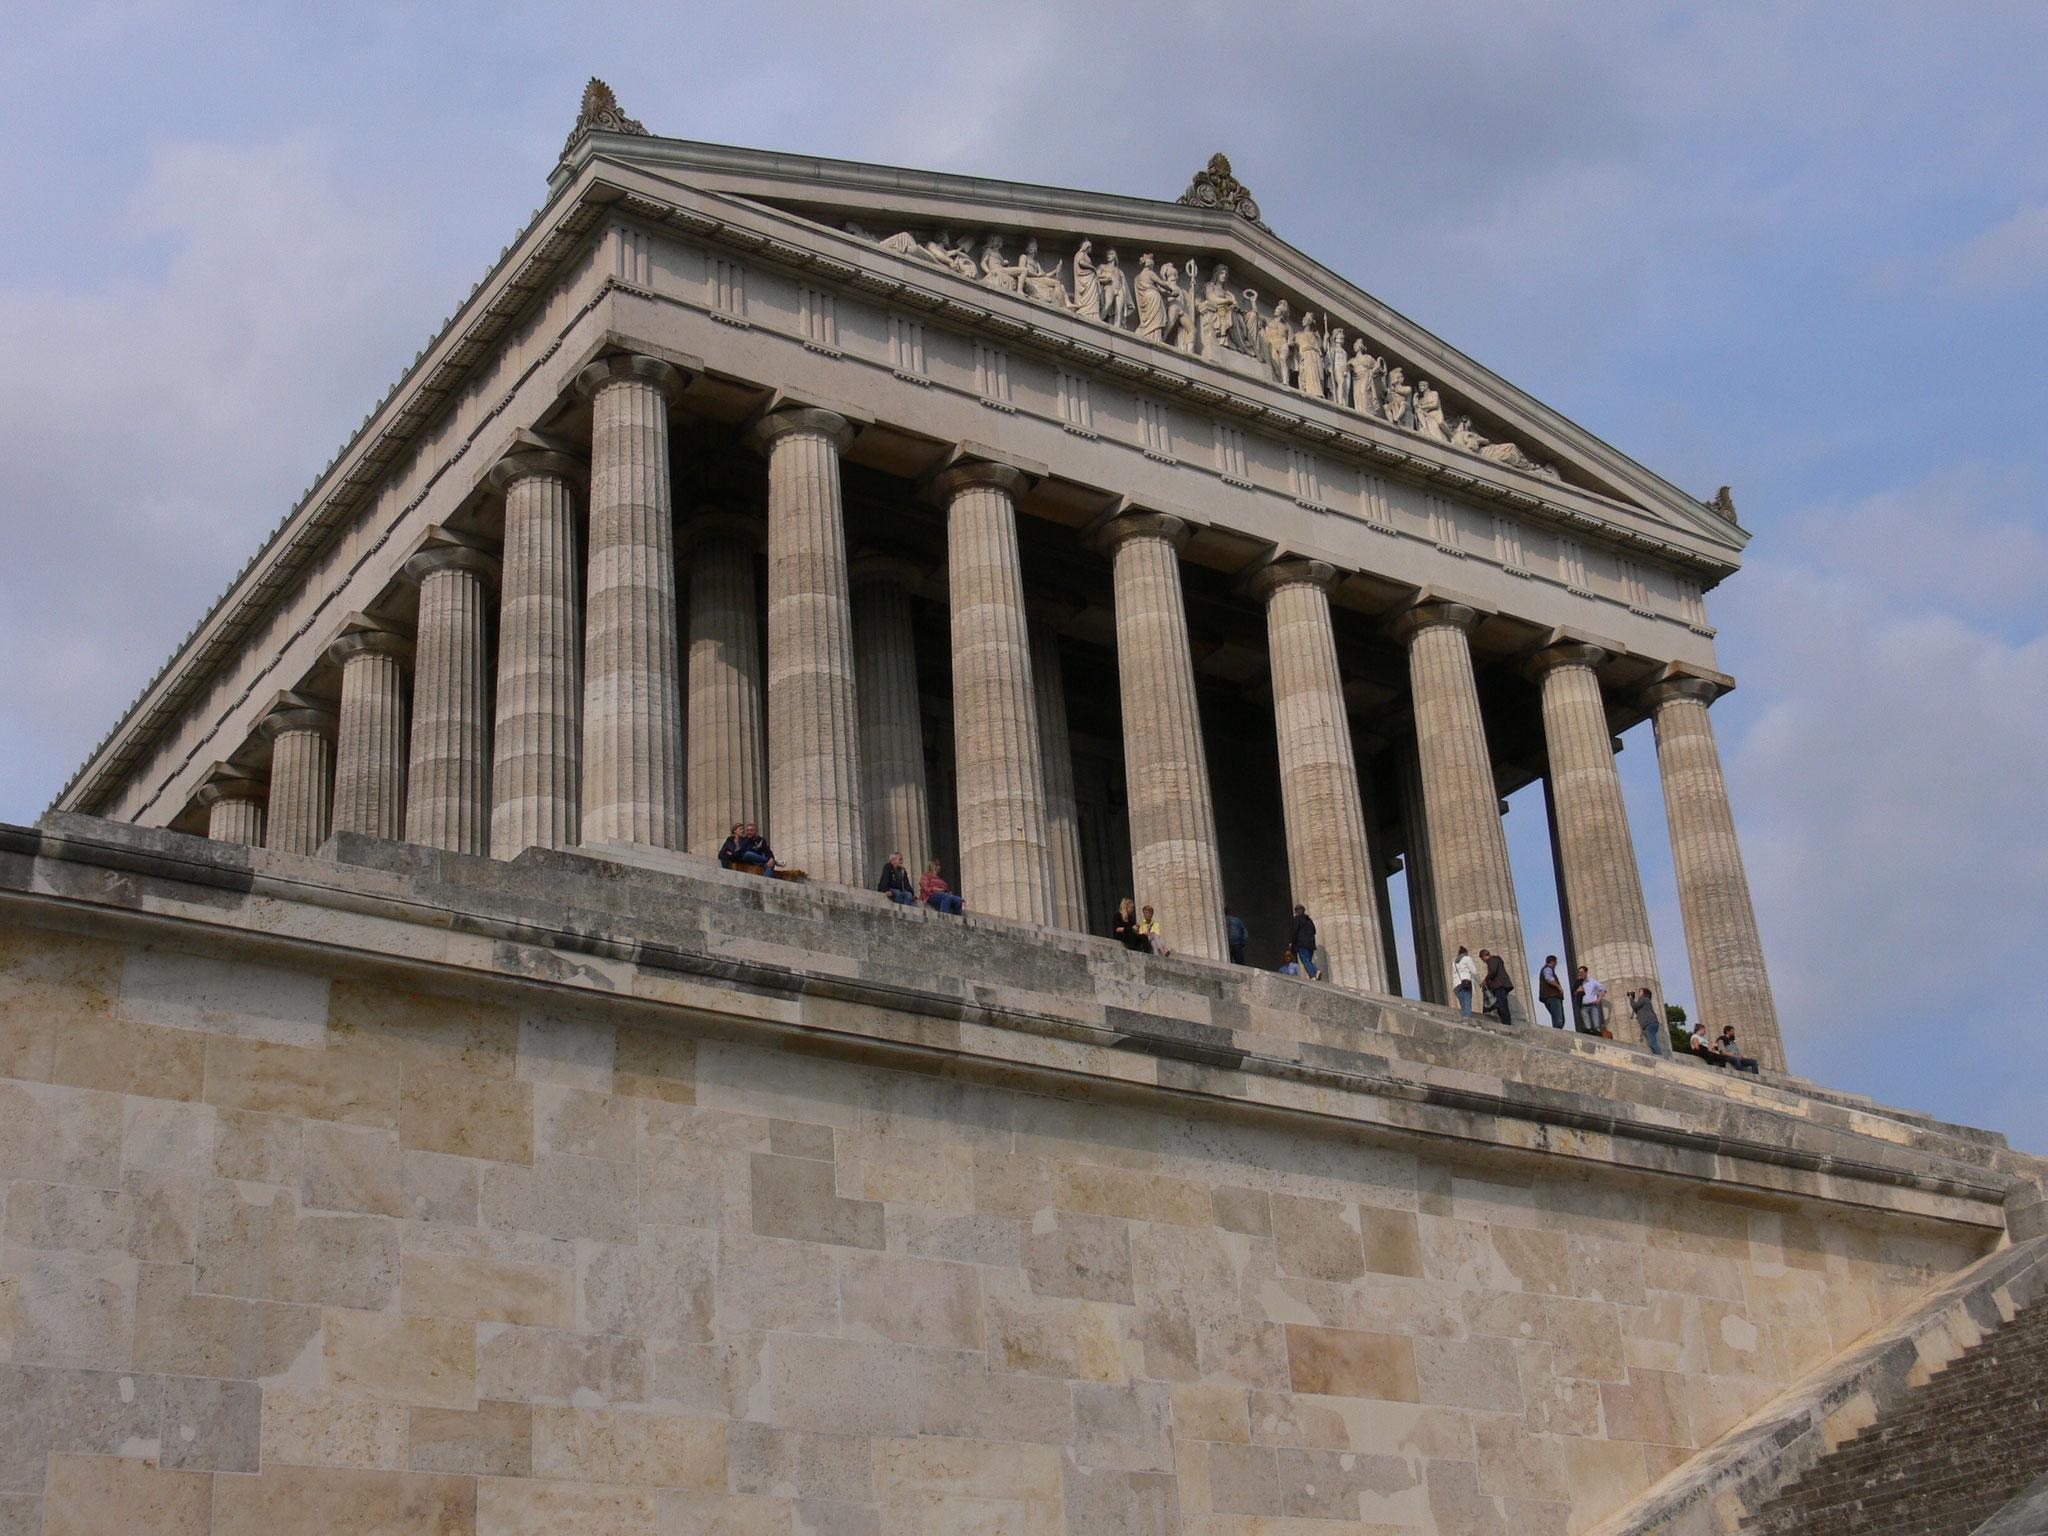 Die Walhalla in Donaustauf. Die Akropolis in Athen stand Modell.